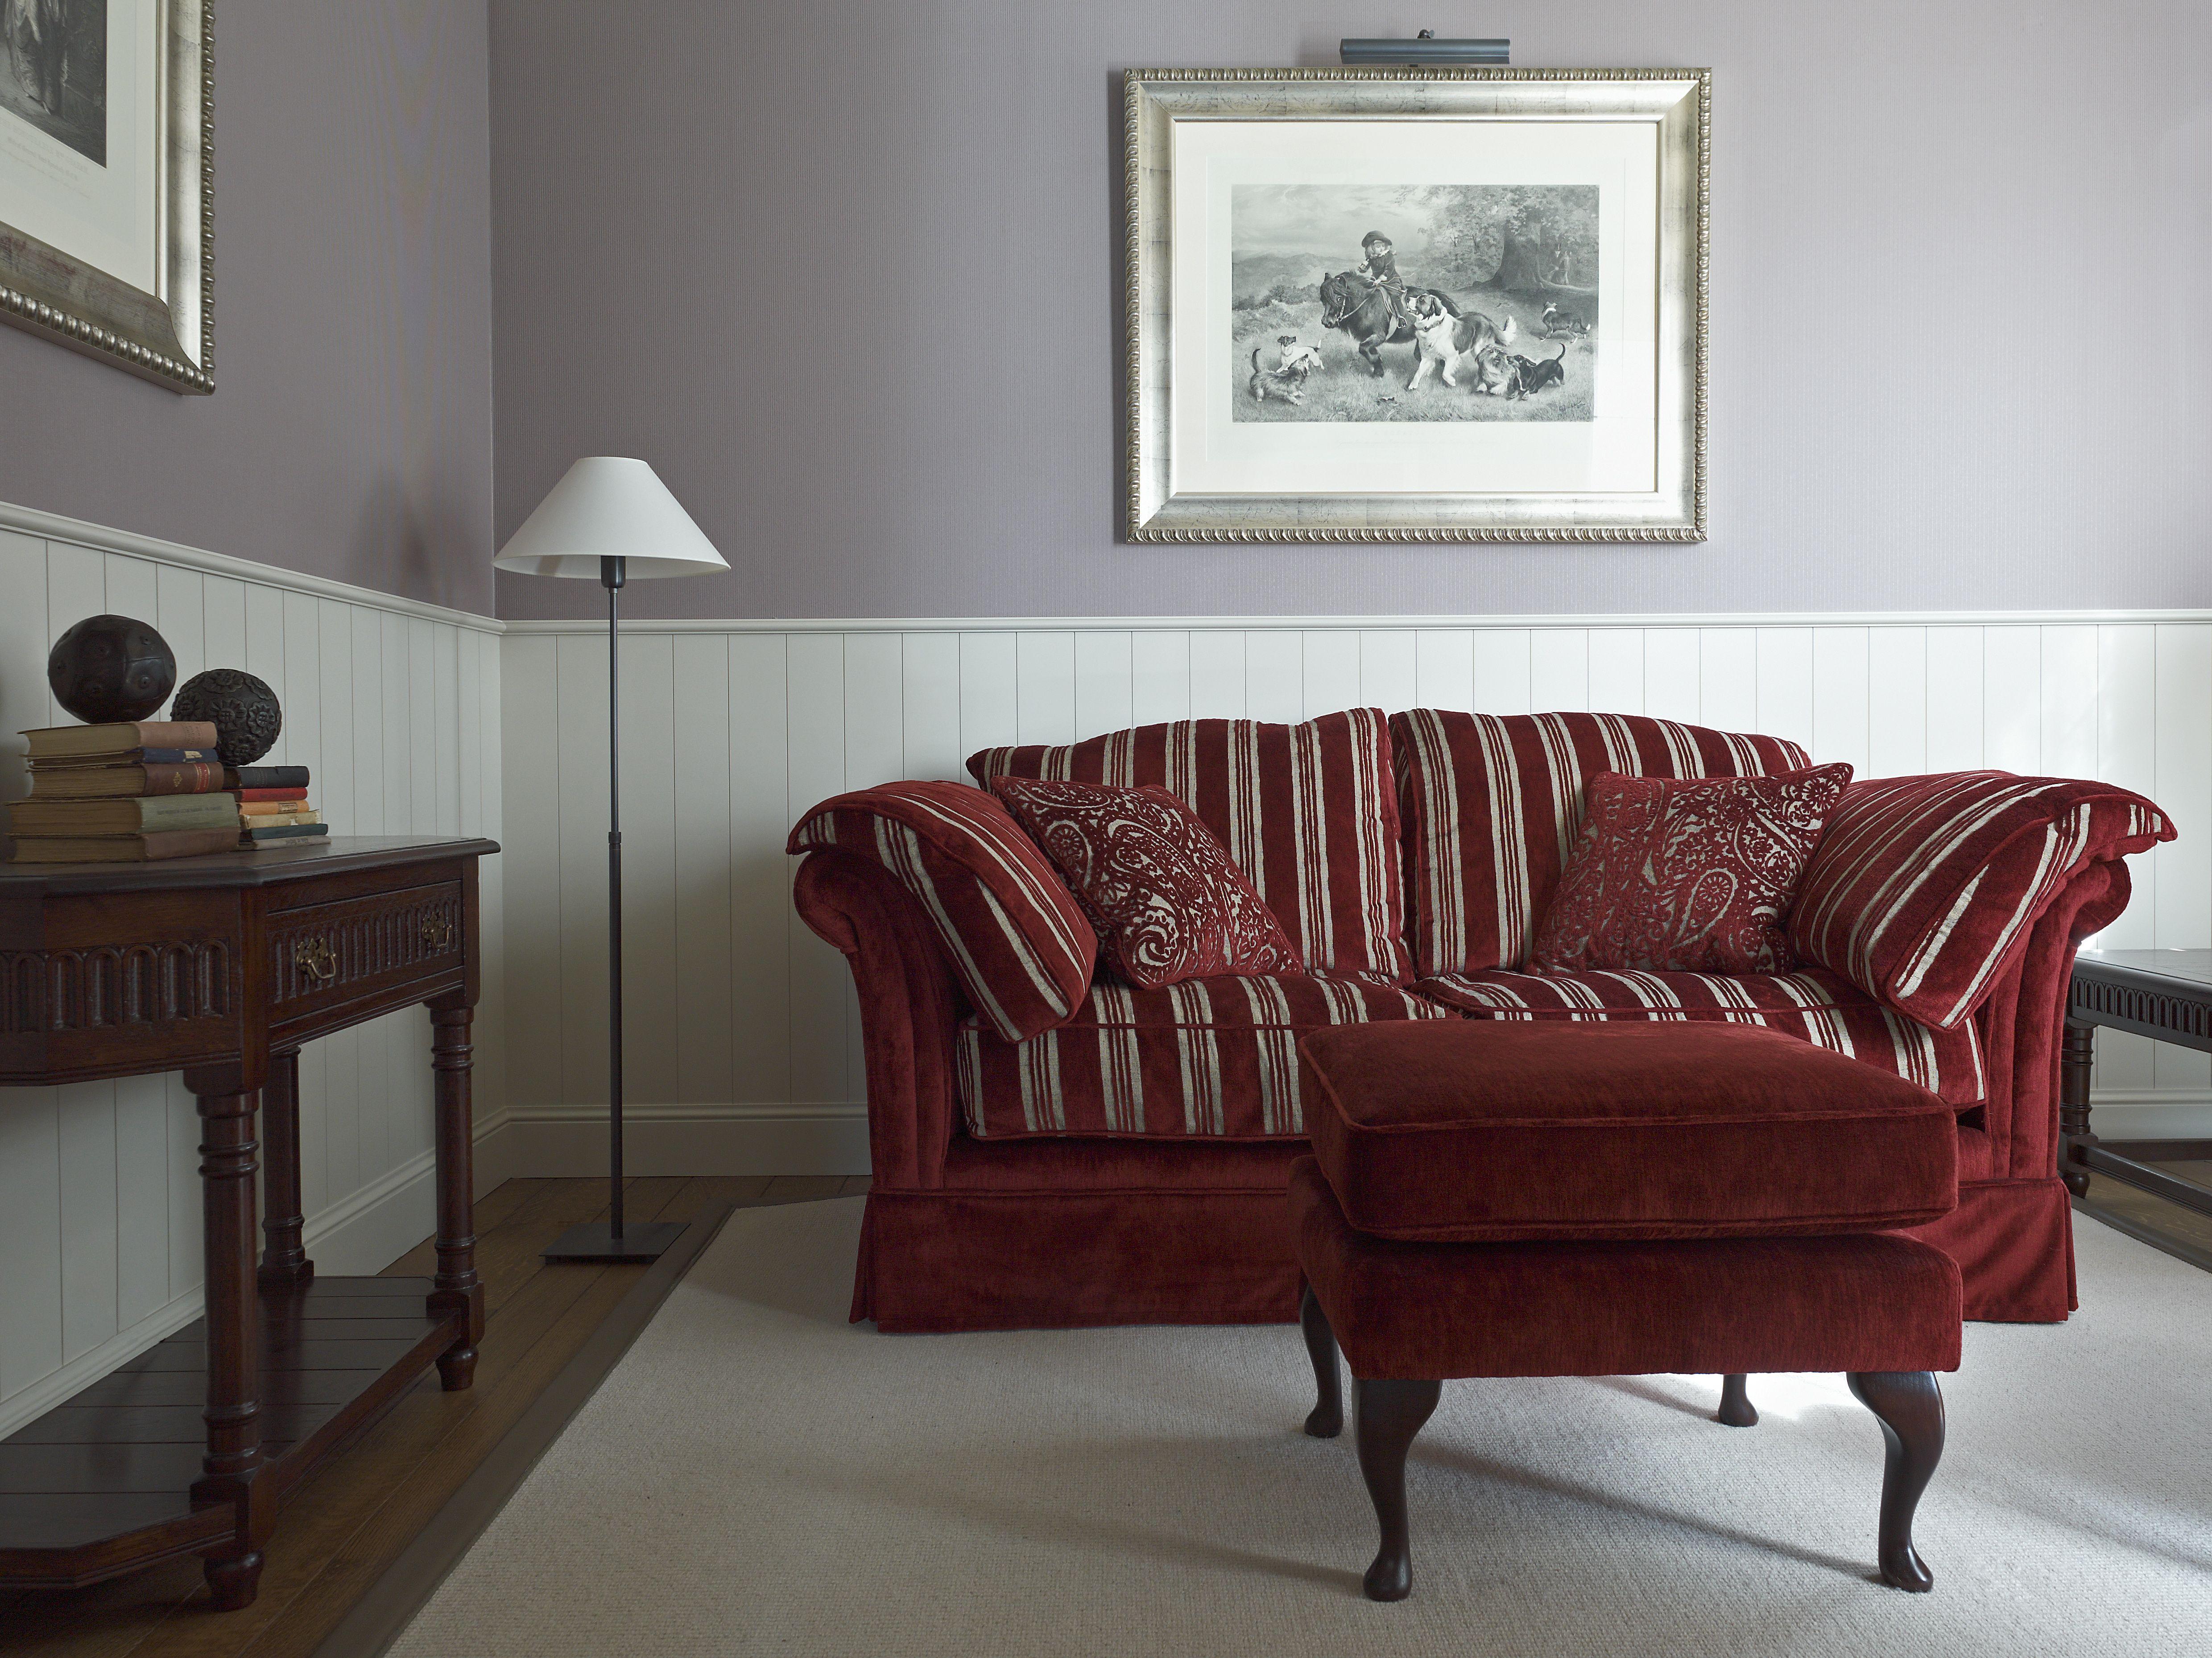 Klassiek Engels Interieur : Klassiek engels interieur □ kasteelbank in een rijkelijke bordeau